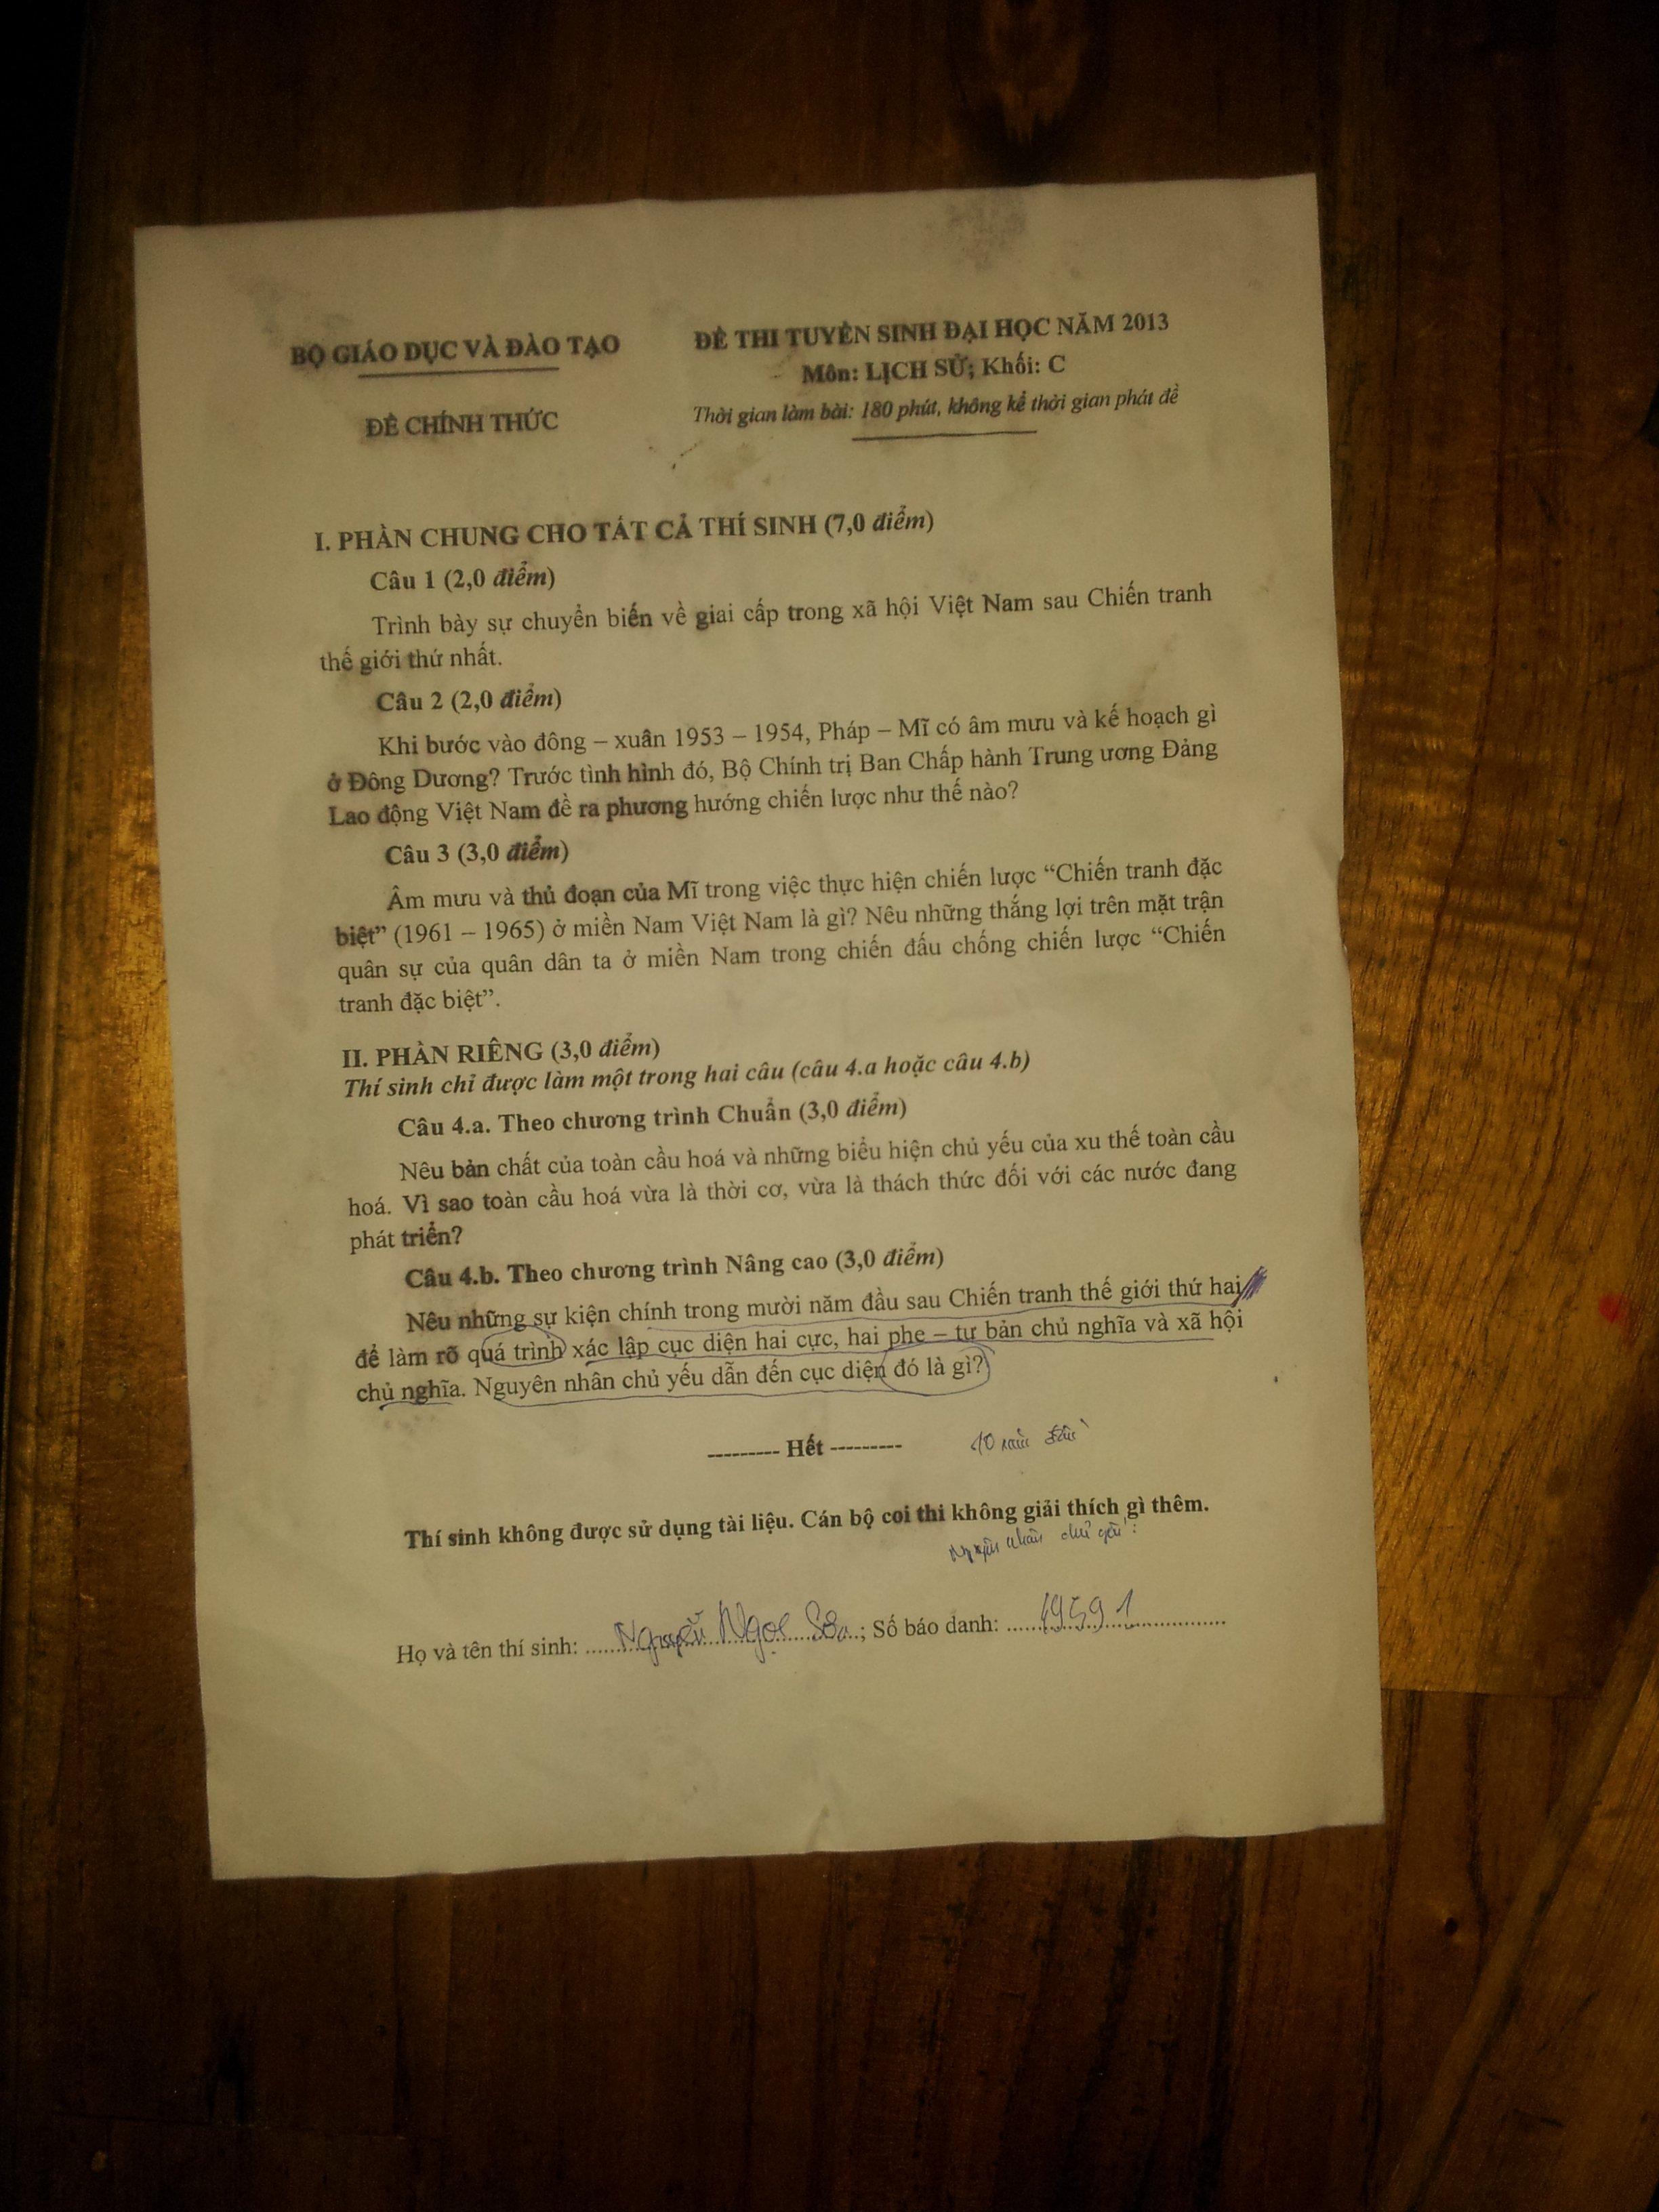 Đáp án đề thi Đại Học môn Lịch Sử khối C năm 2013